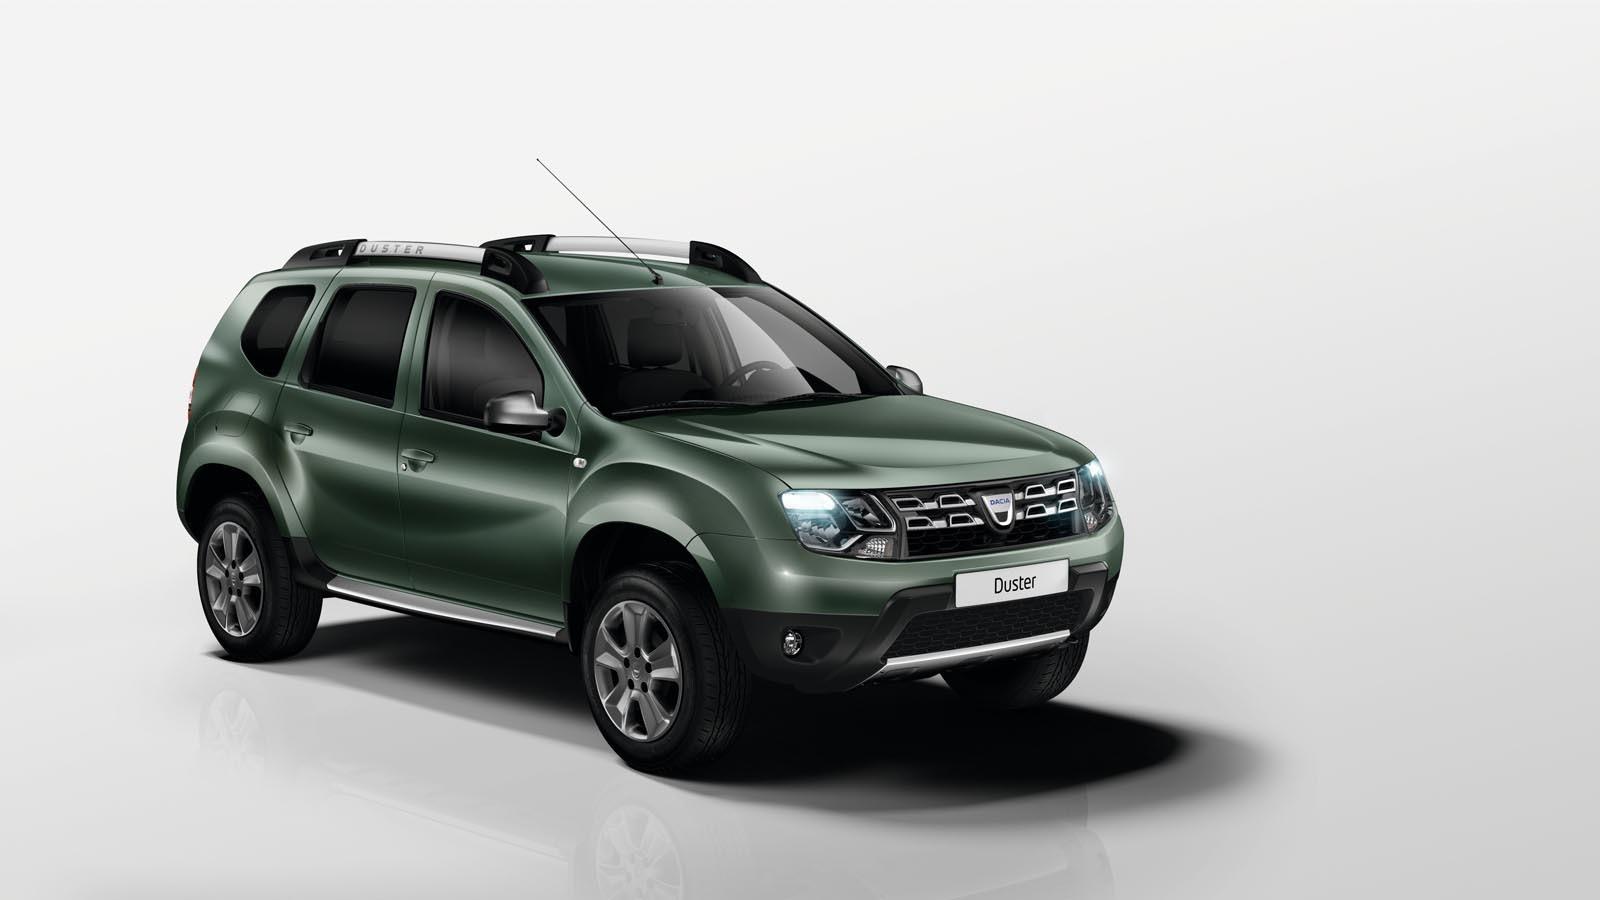 Imagini dacia duster facelift mai robust i mai dotat for Dacia duster foto